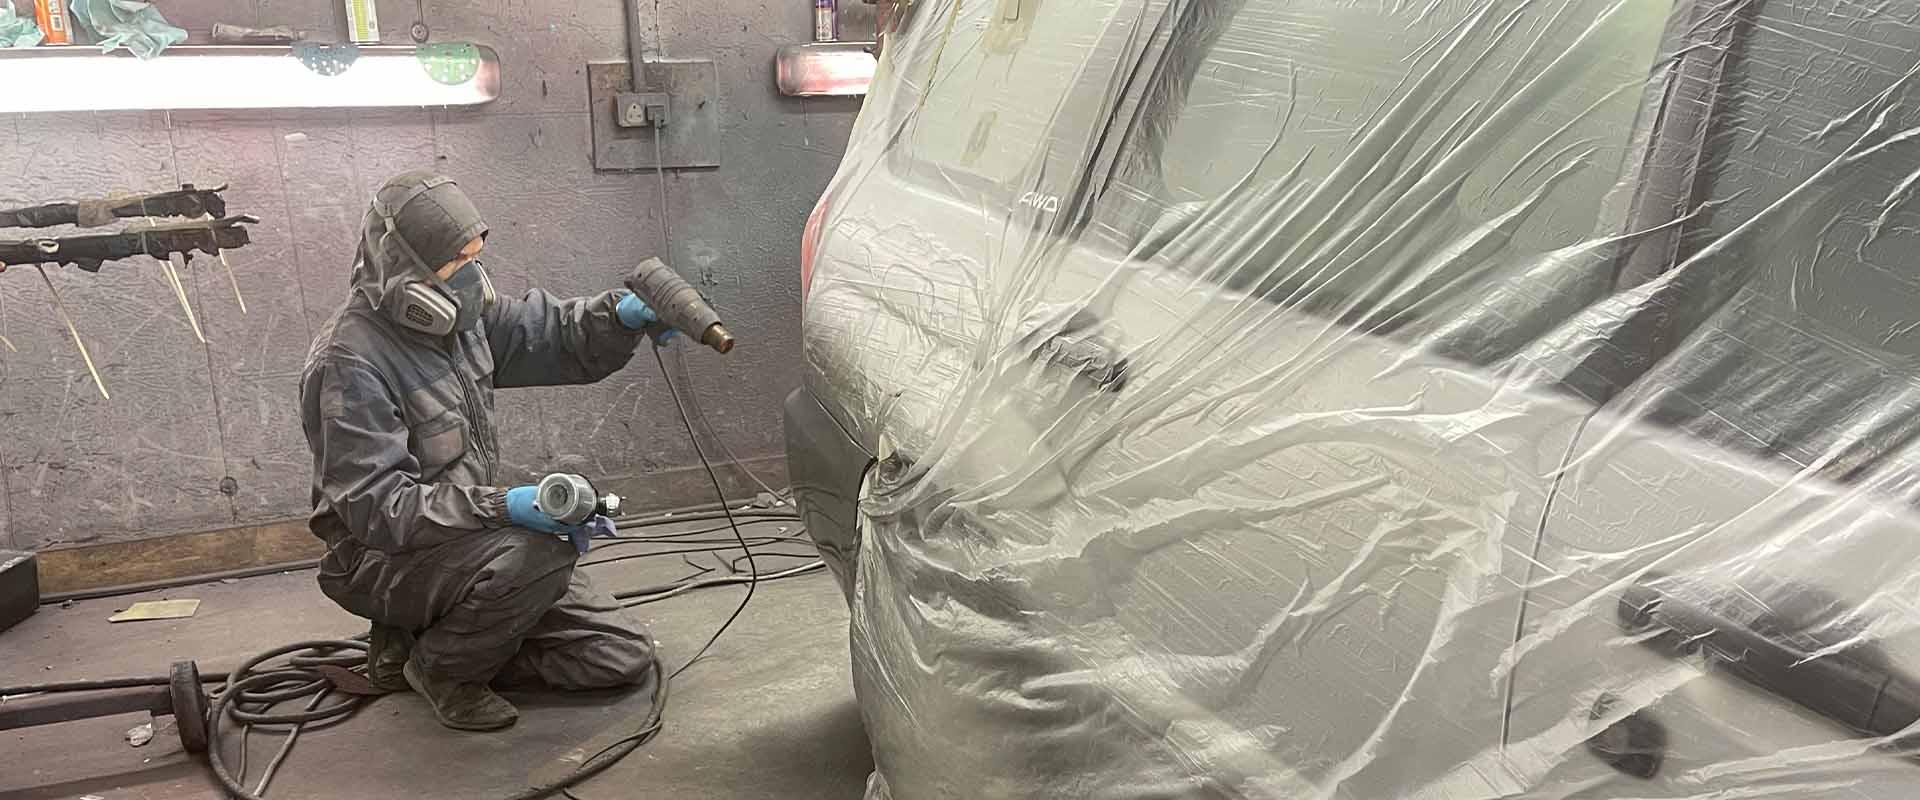 kenduf motors spraypainting